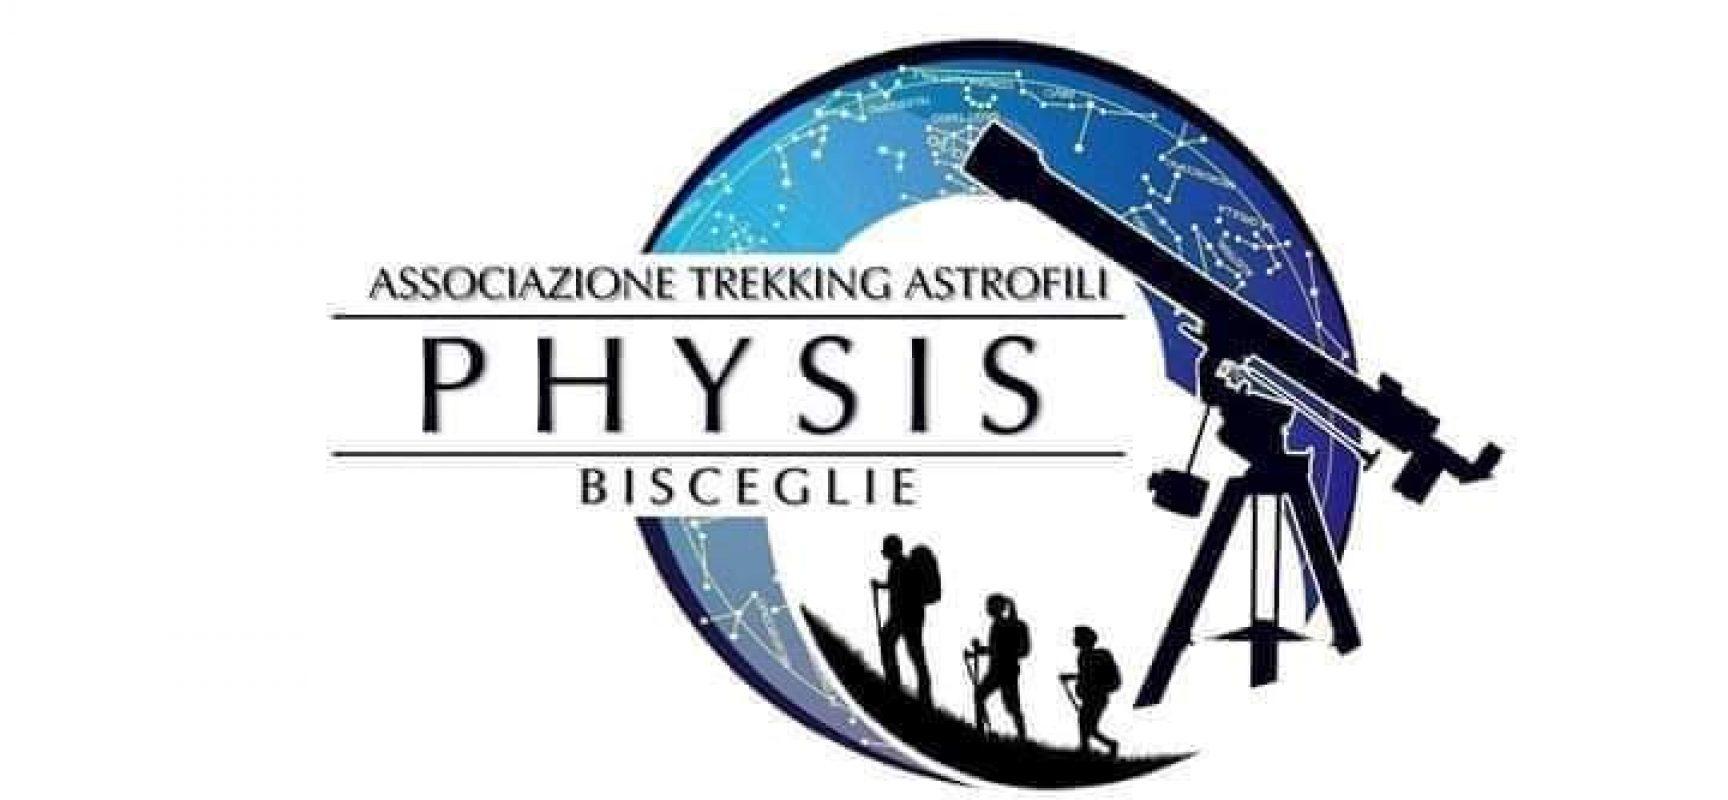 Alla scoperta dell'universo con la mostra fotografica di Trekking Astrofili Physis